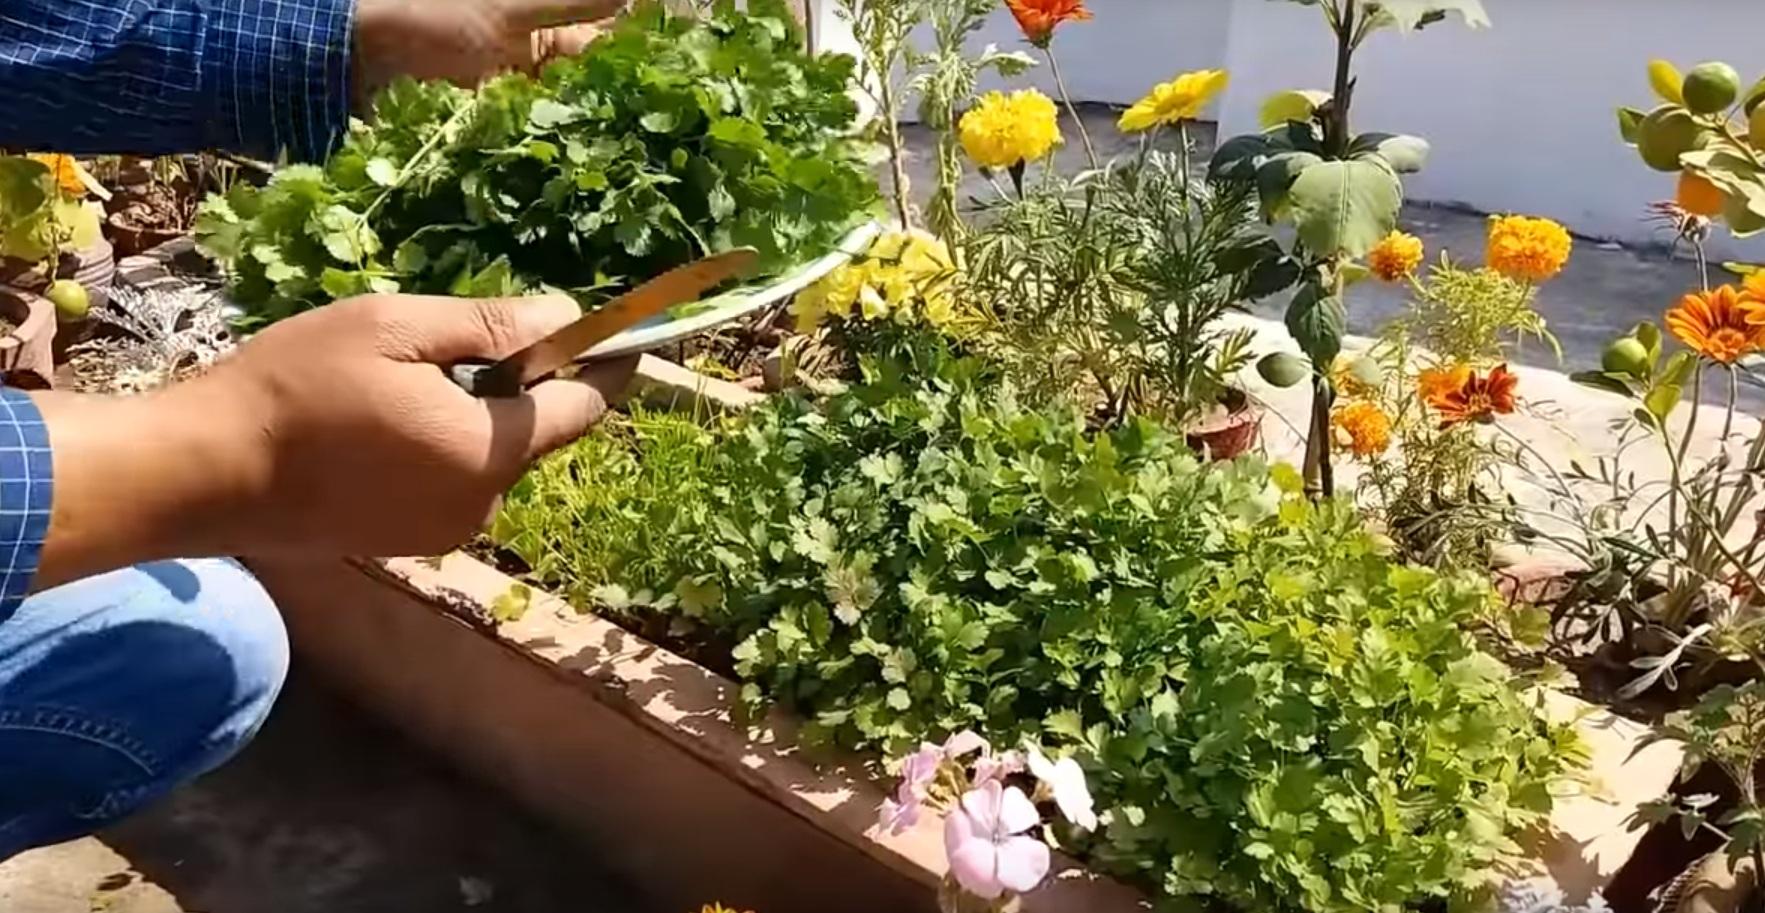 Сбор первого урожая листьев кинзы.